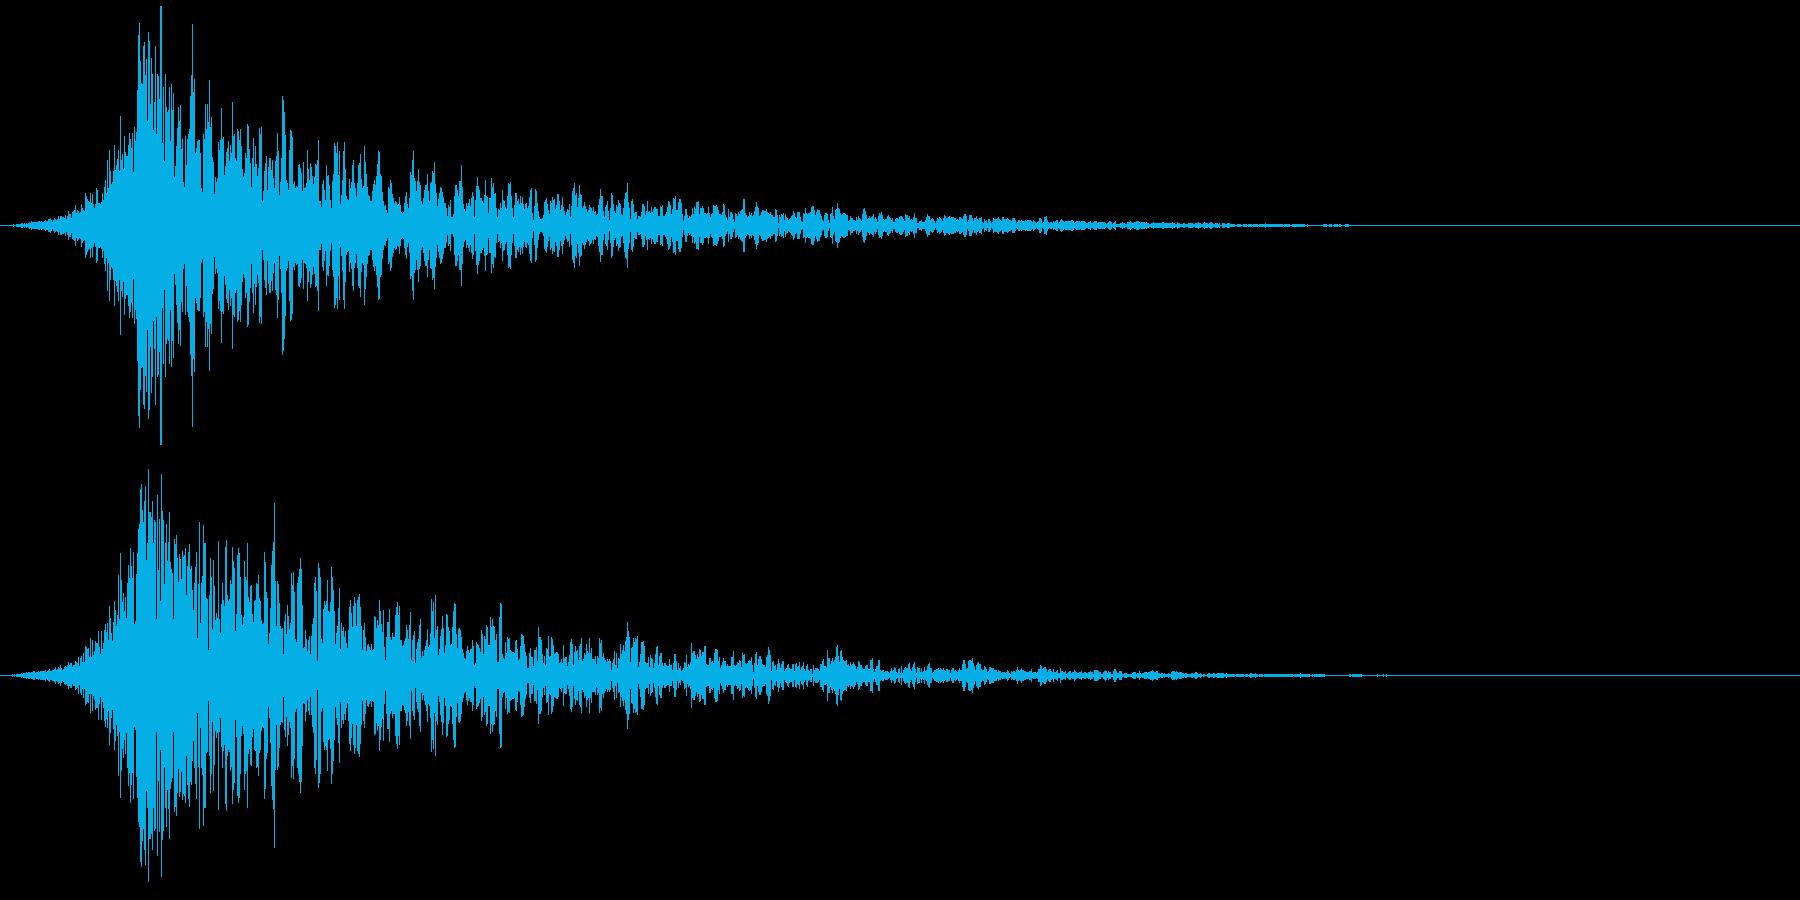 シュードーン-37-1(インパクト音)の再生済みの波形